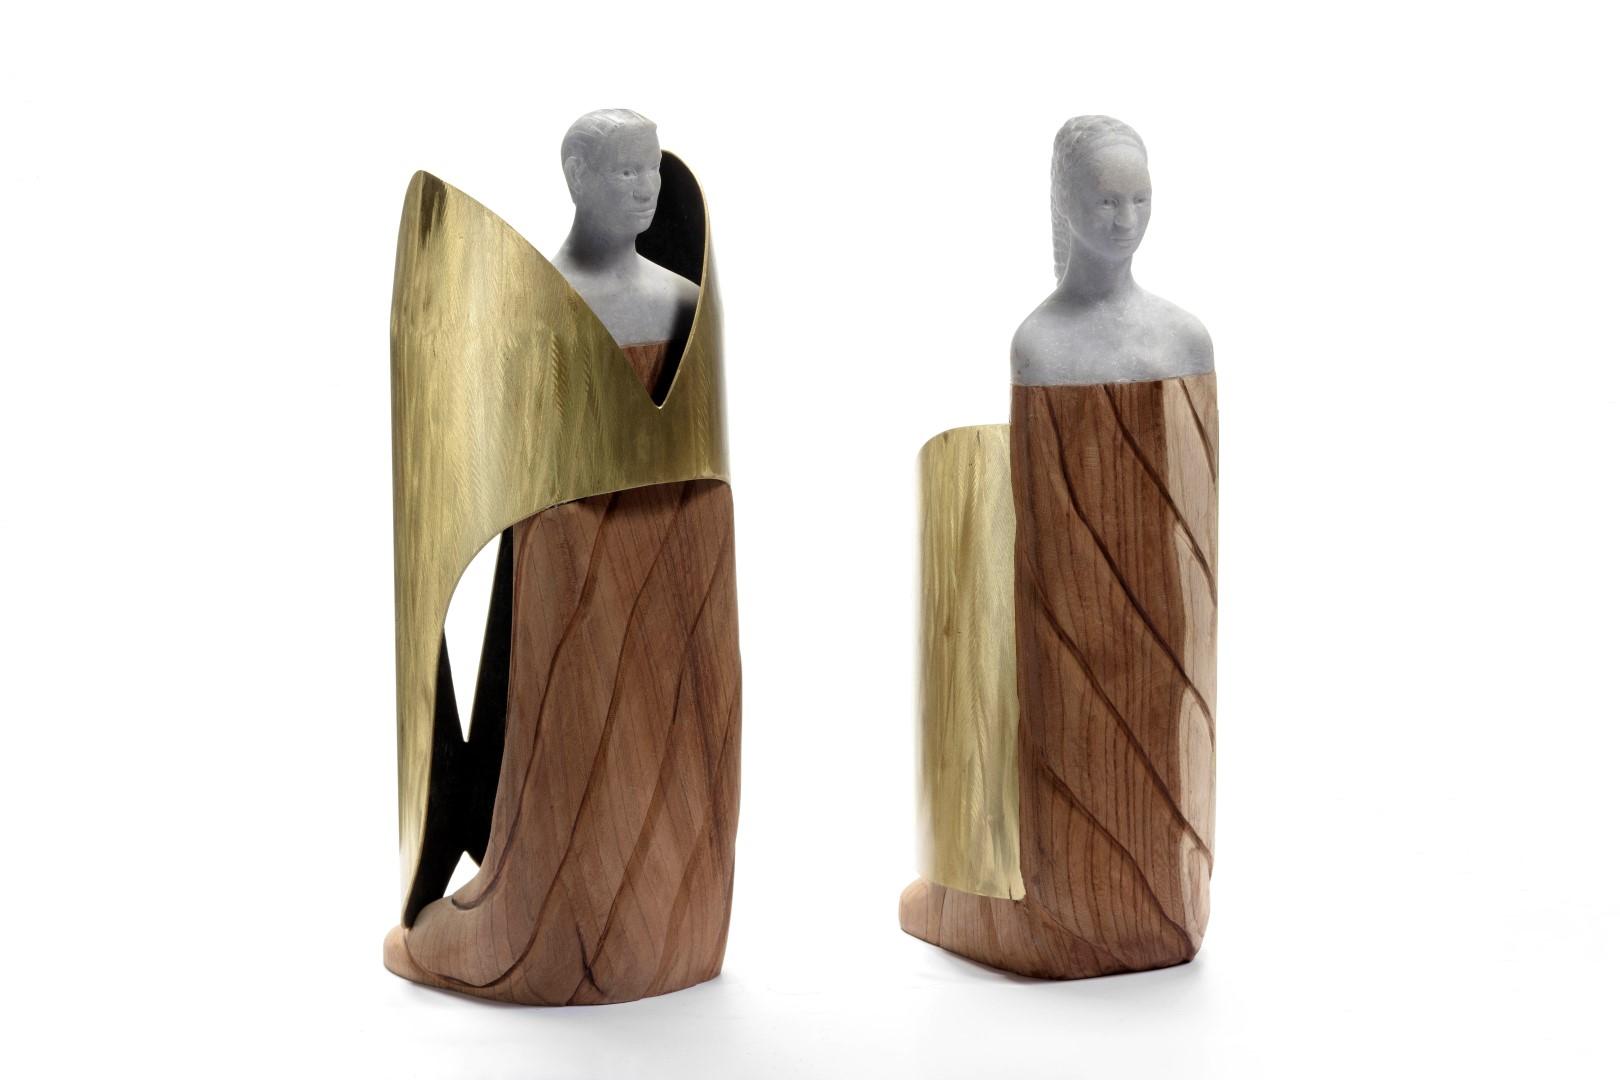 King and Queen, alabast, goudregenhout, mormer, messing op leer, h25x15x10cm, 2014, €3.000